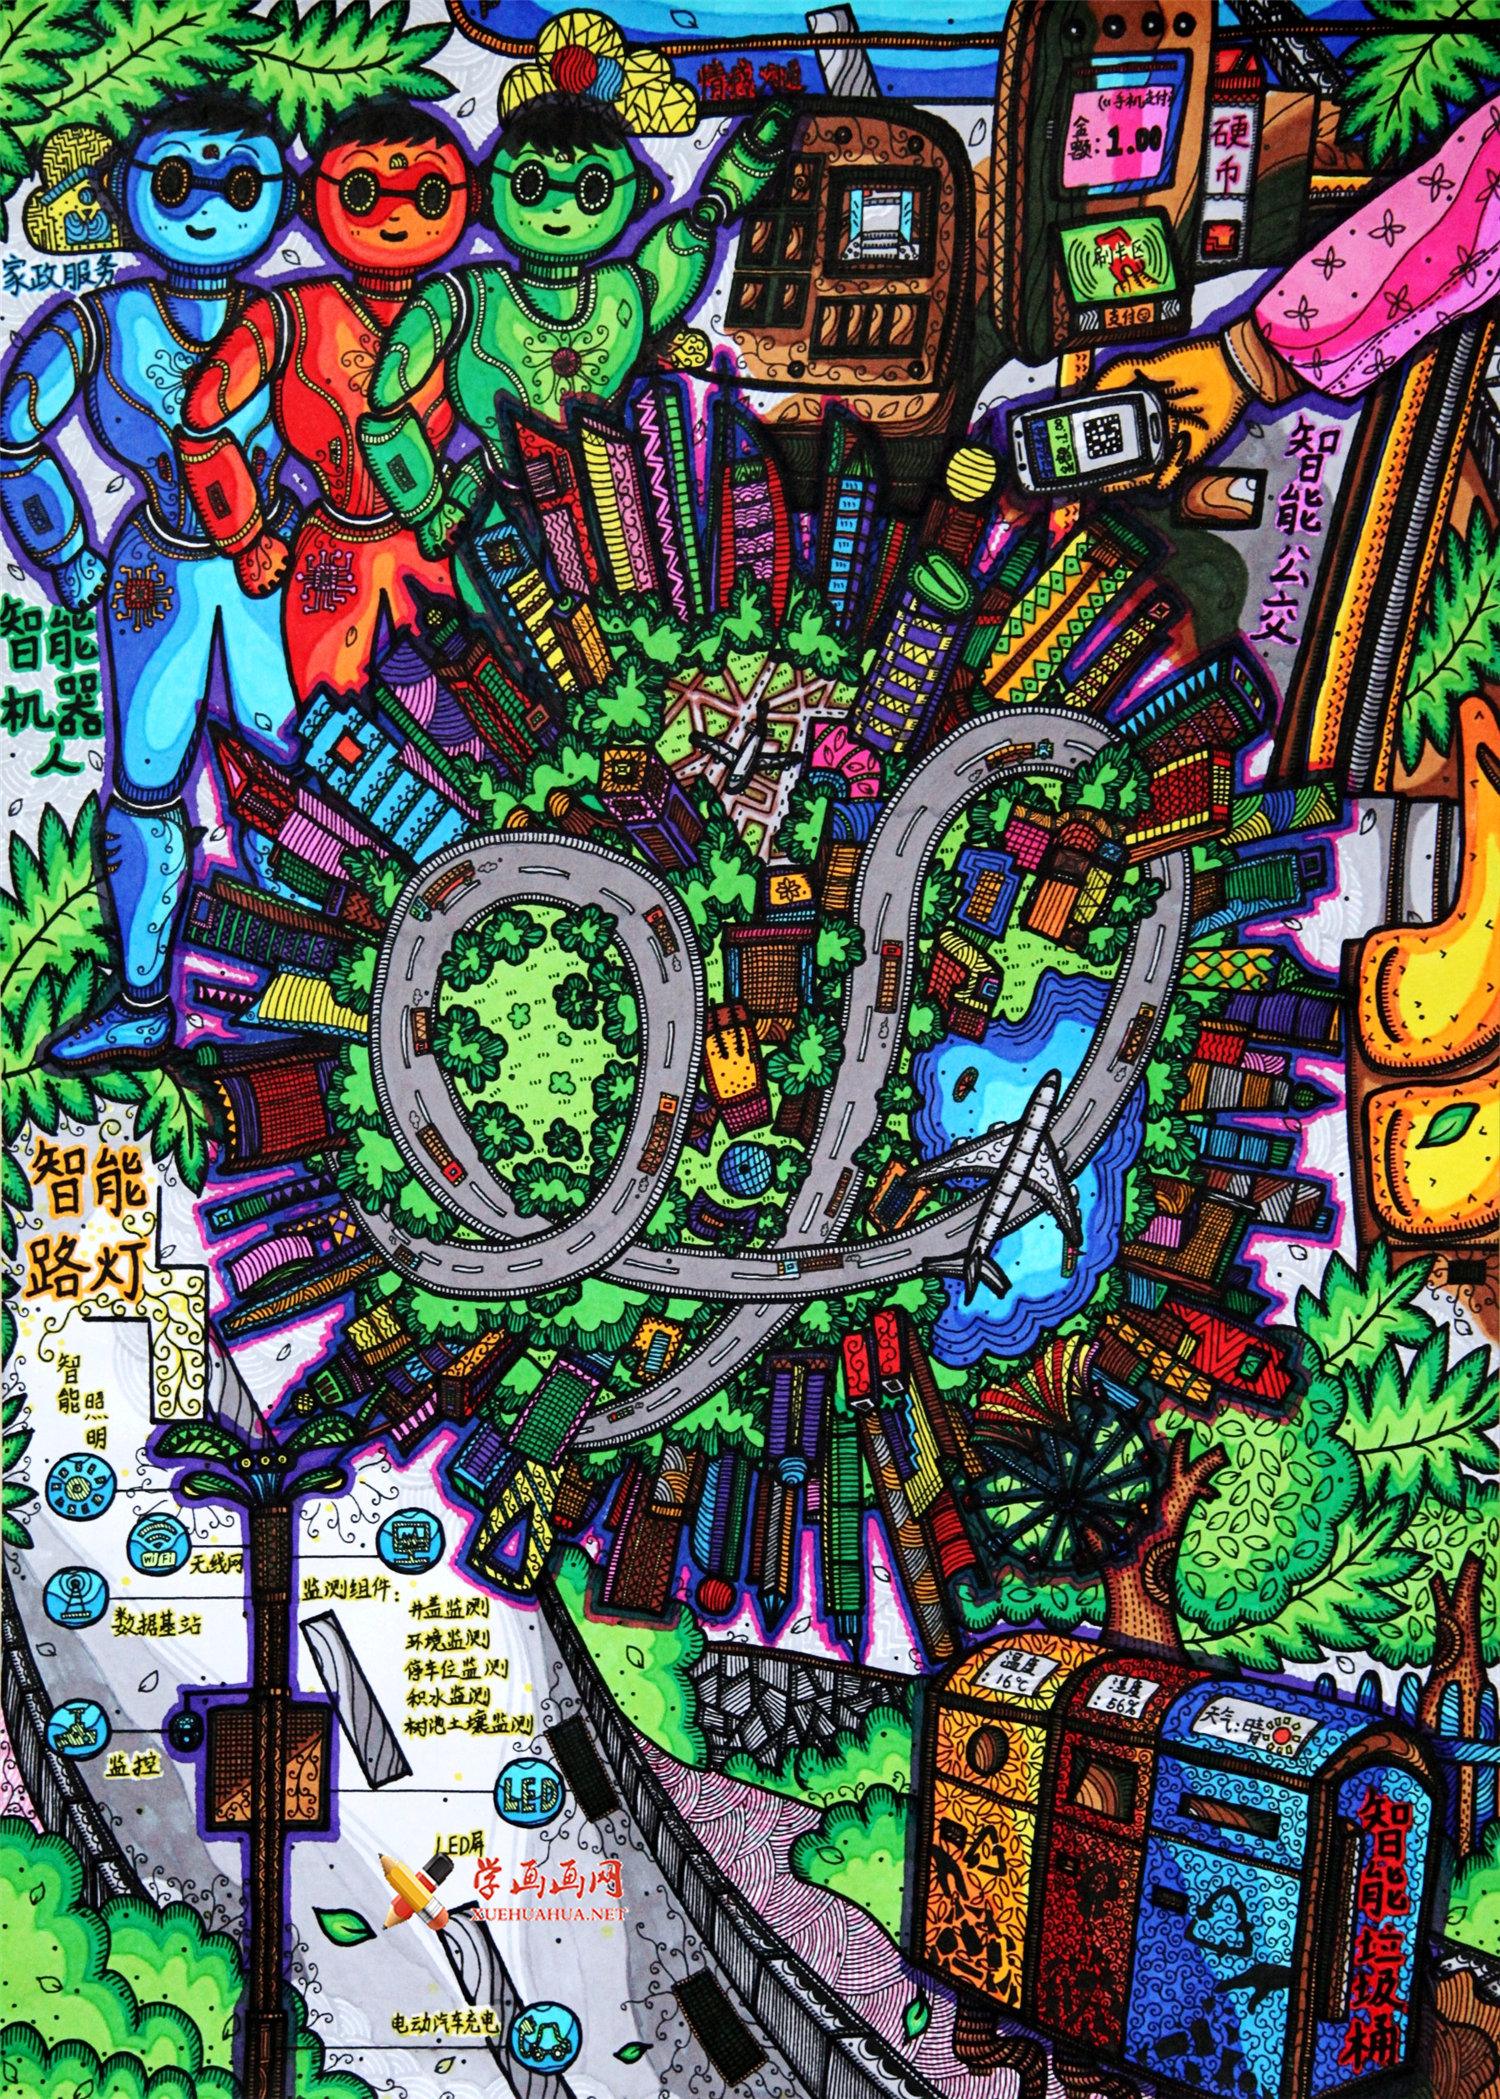 关于未来城市的儿童科幻画获奖作品《智慧城市,便捷生活》欣赏(1)